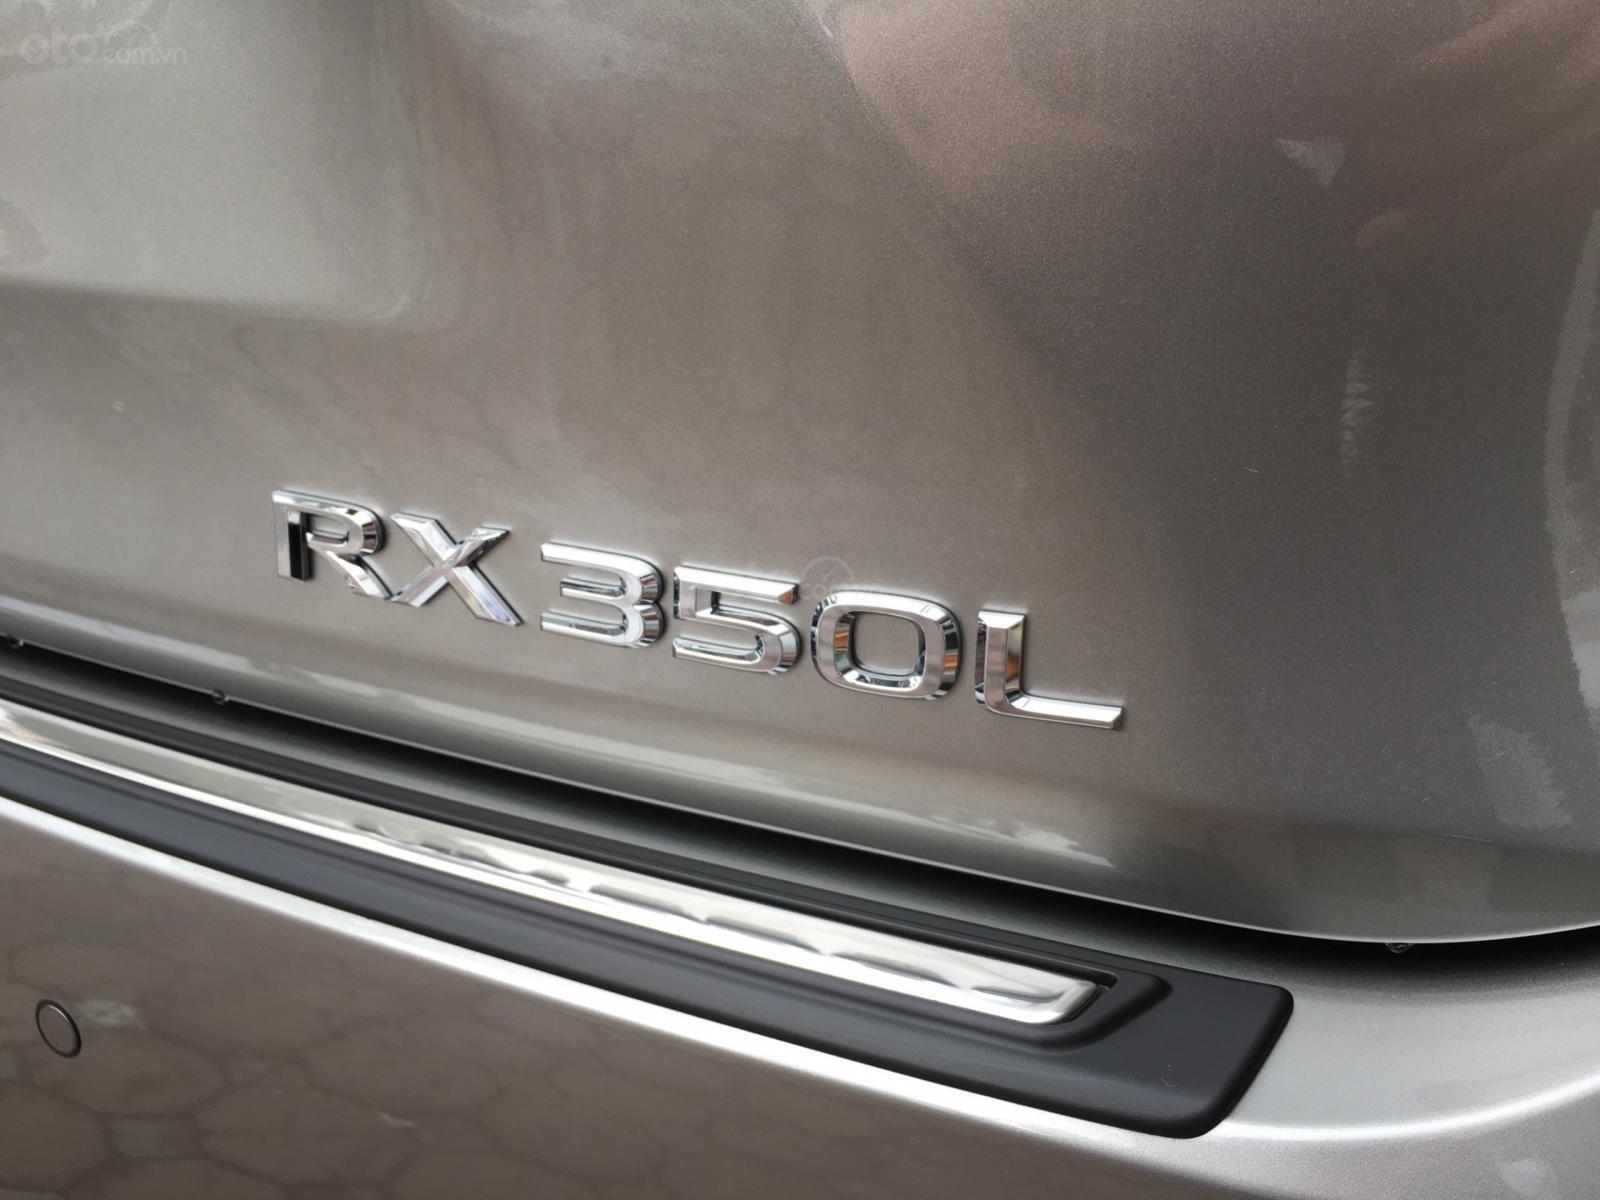 Bán Lexus RX 350L sản xuất 2019, nhập Mỹ, giá tốt, giao ngay toàn quốc. LH: 093.996.2368 Ms Ngọc Vy (6)